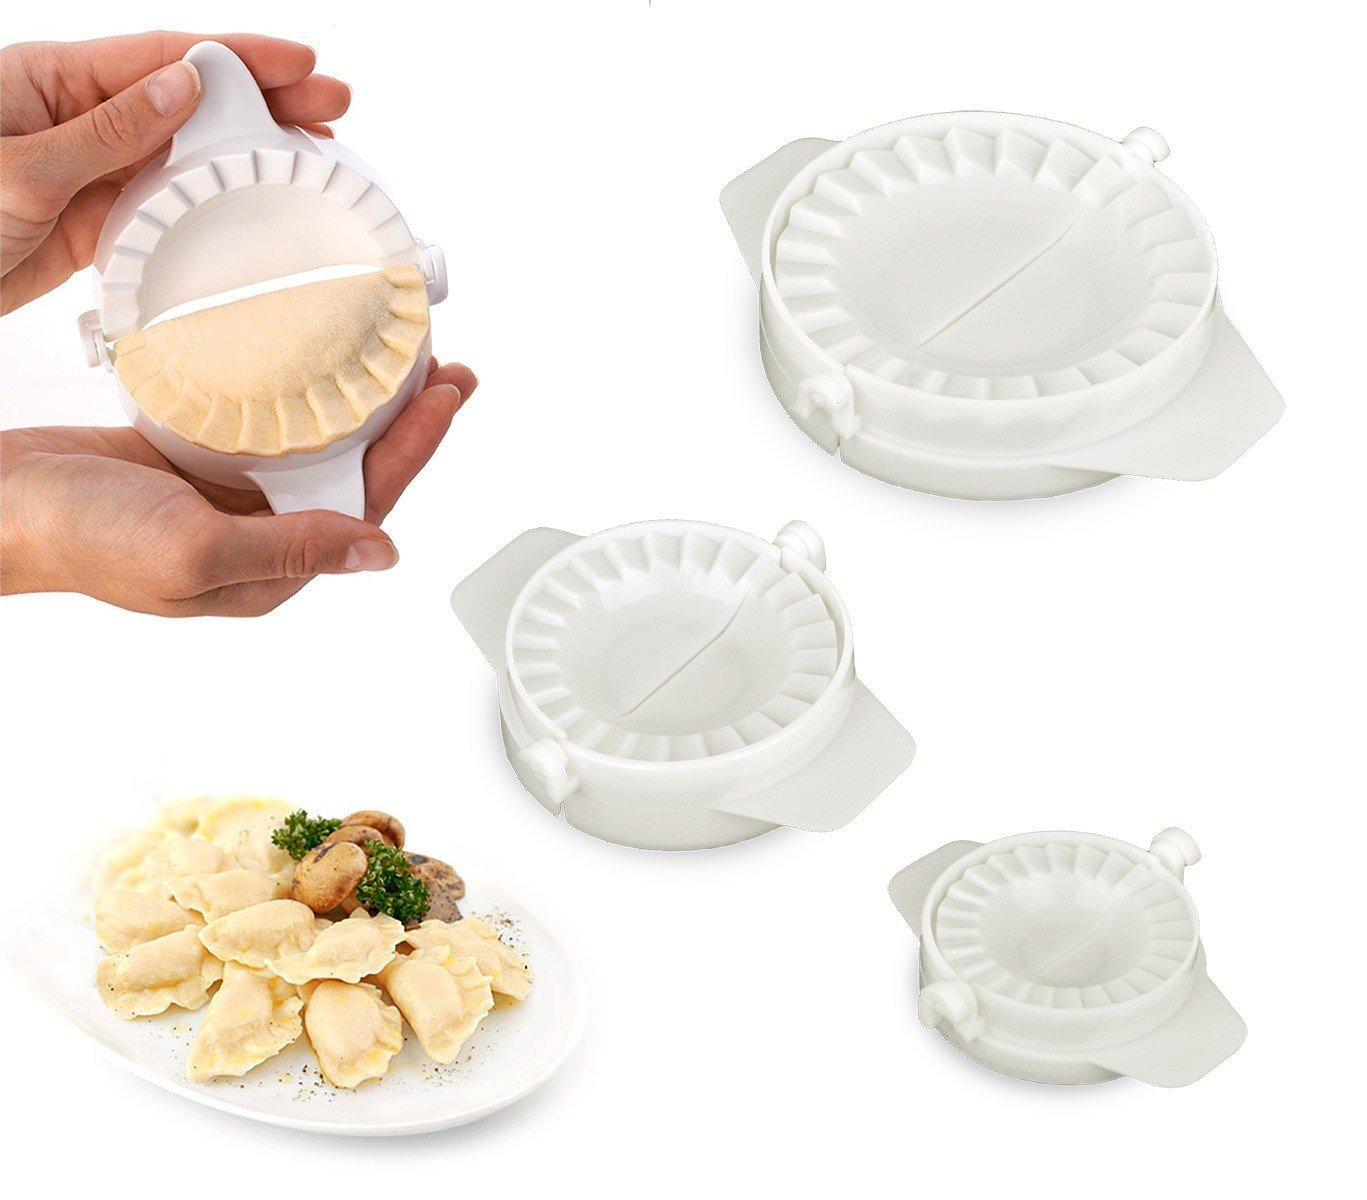 002021 Set de 3 moldes para raviolis y empanadillas de diferentes diámetros MEDIA WAVE store ®